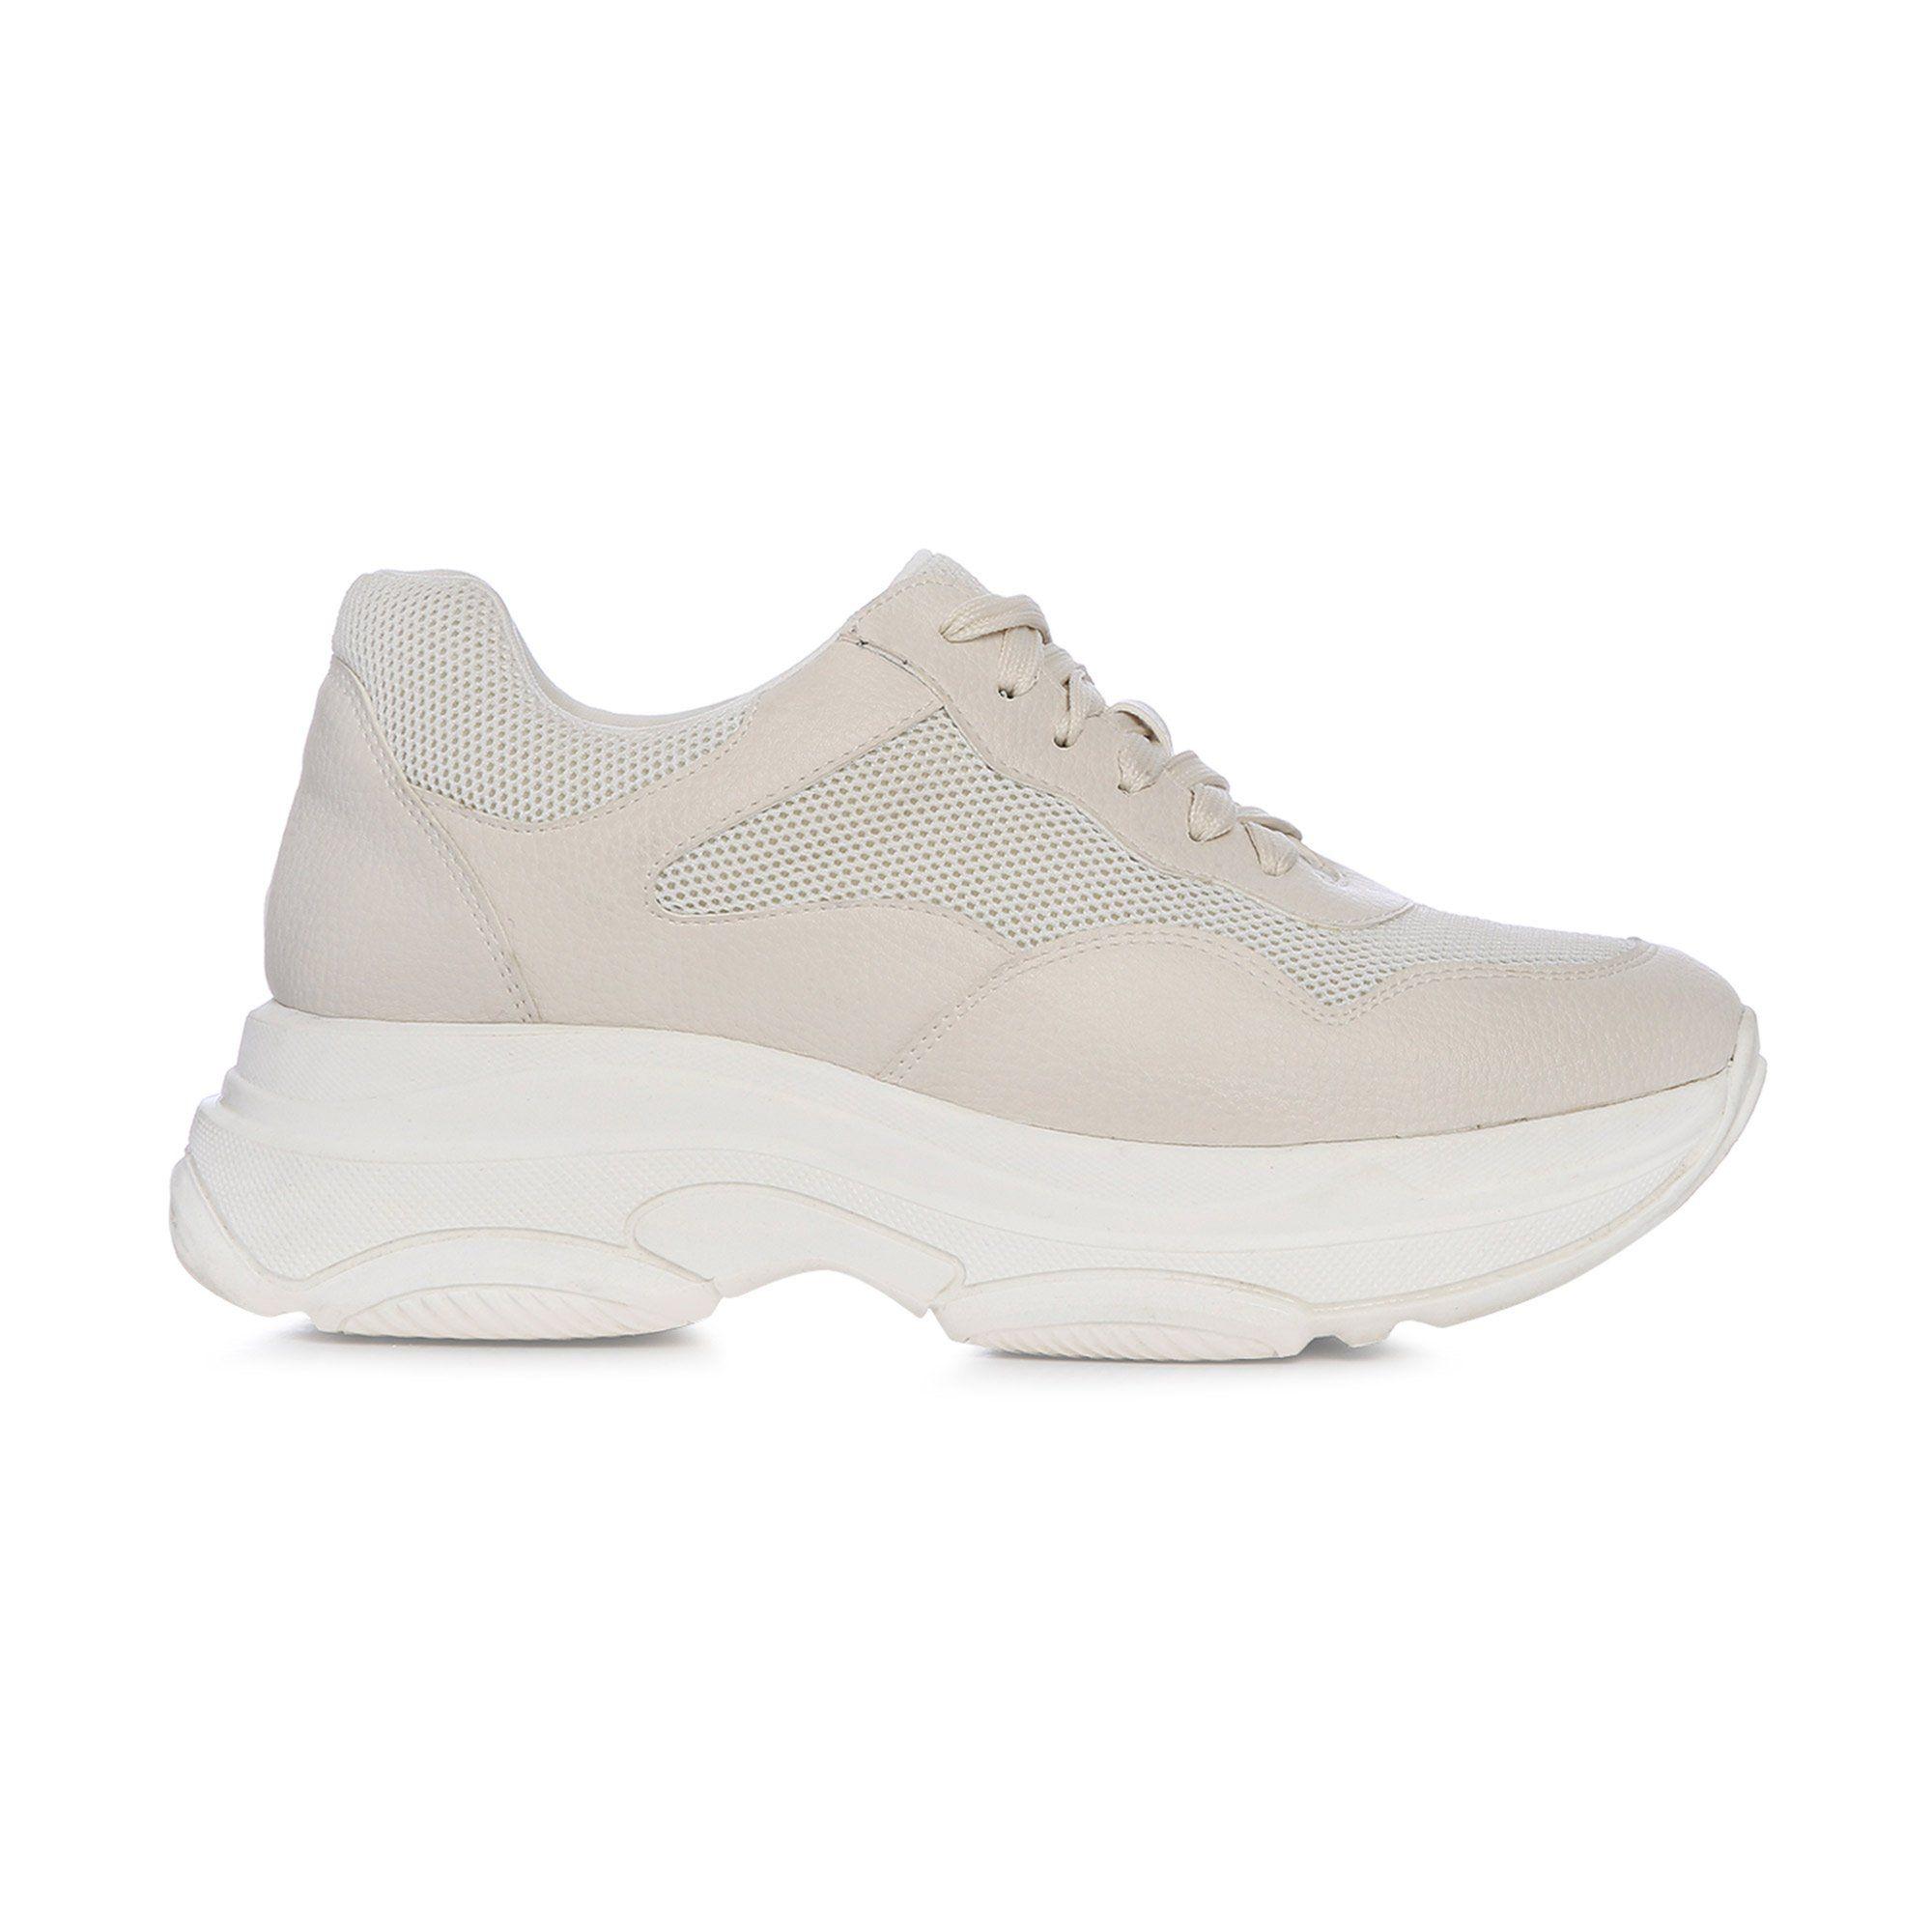 Baskets 2018 Chaussures tendance pour femme Bottes femme